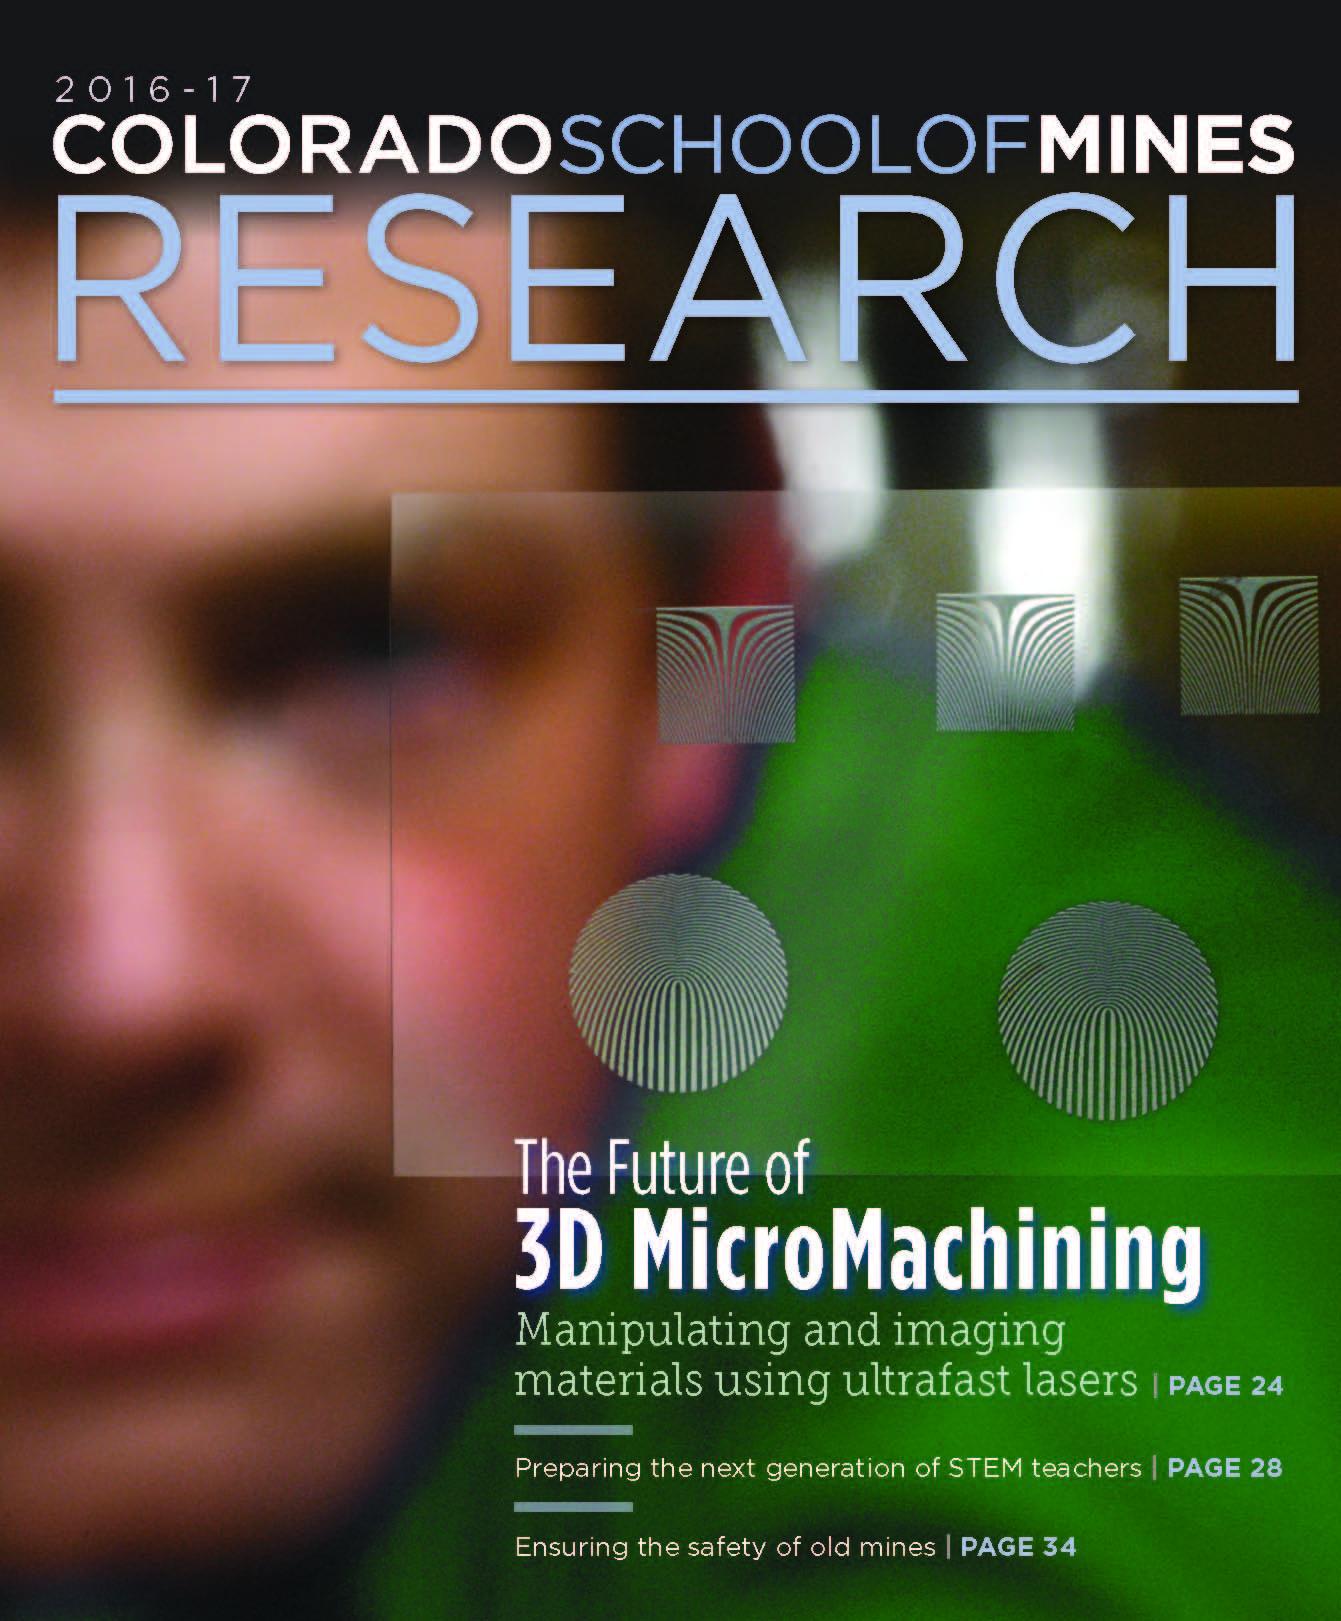 3D Micromachining